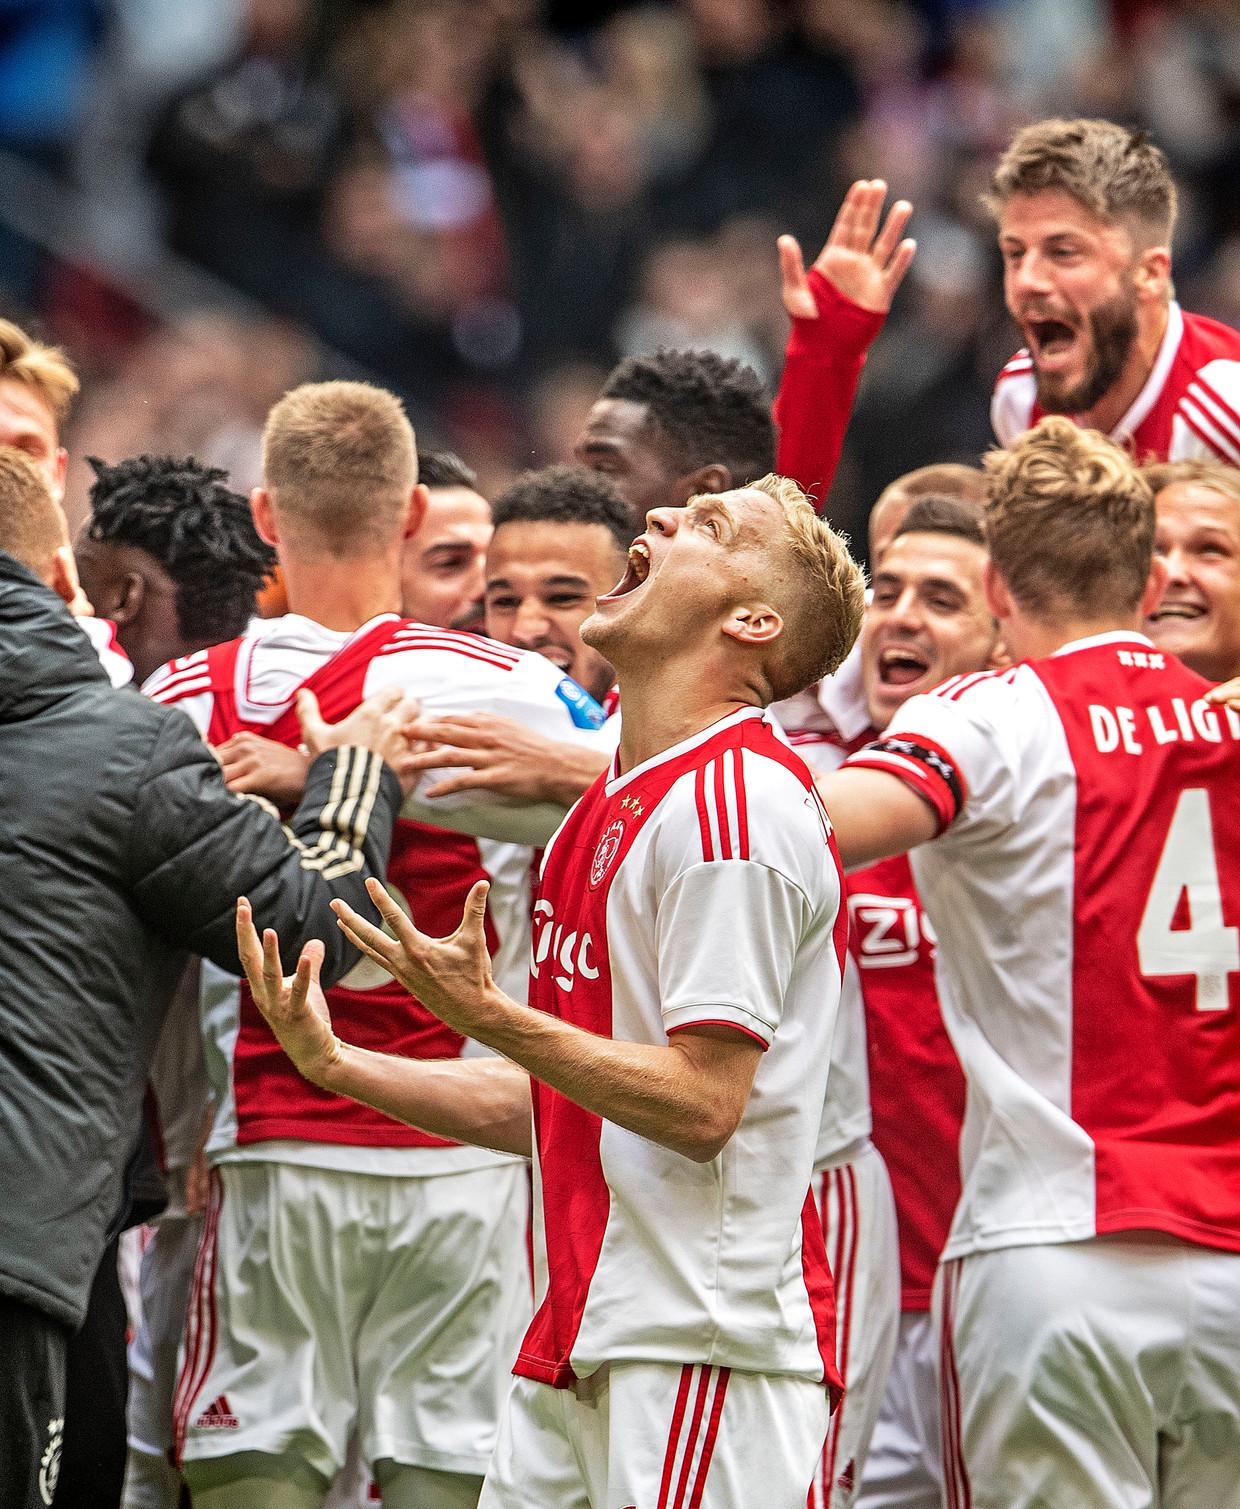 In Amsterdam eindigt het 4-1, in Alkmaar 1-0. Donny van de Beek schreeuwt het uit.